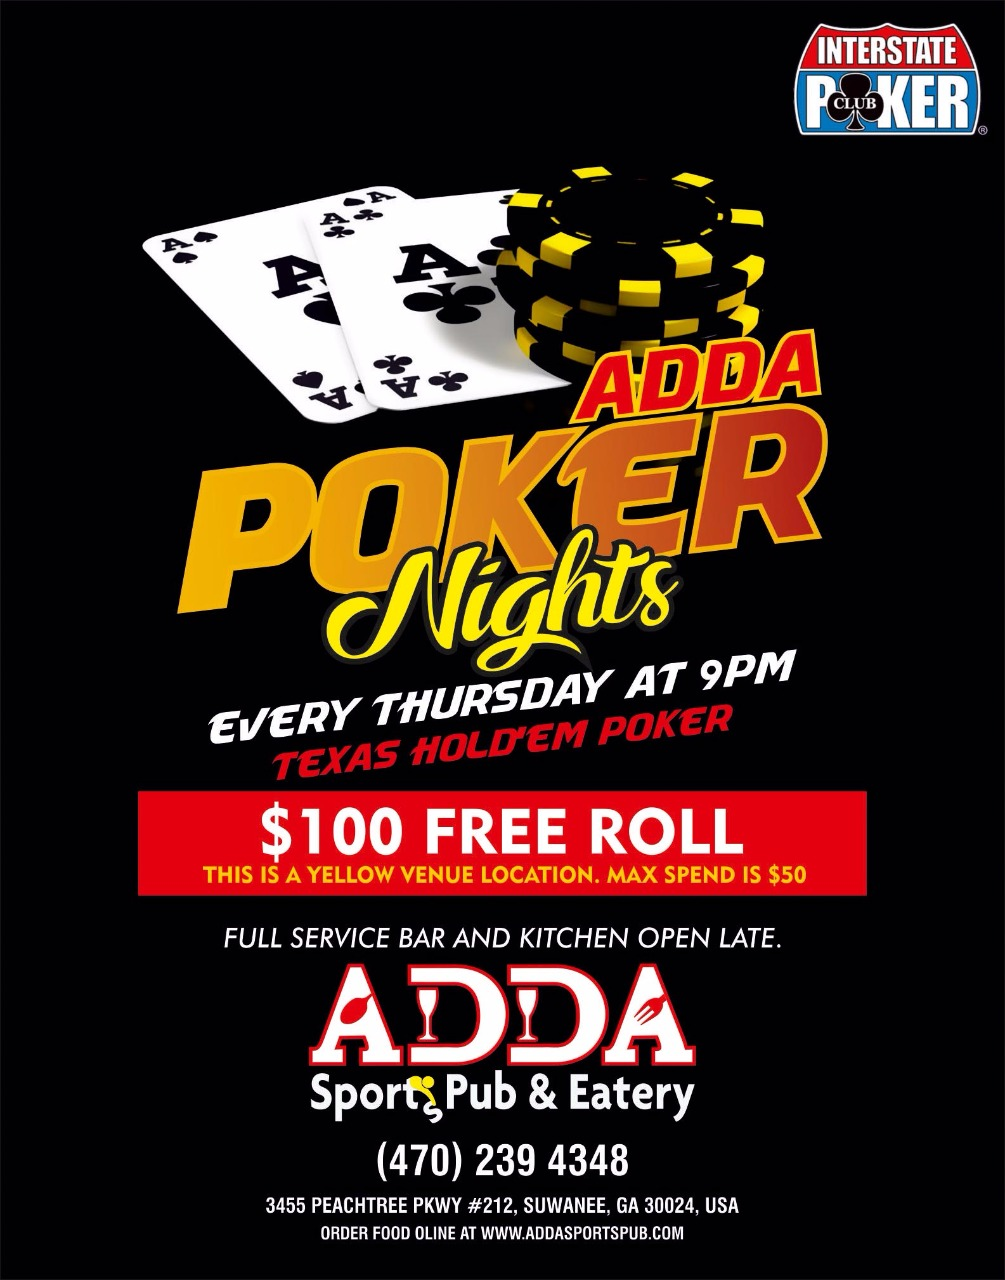 ADDA Poker